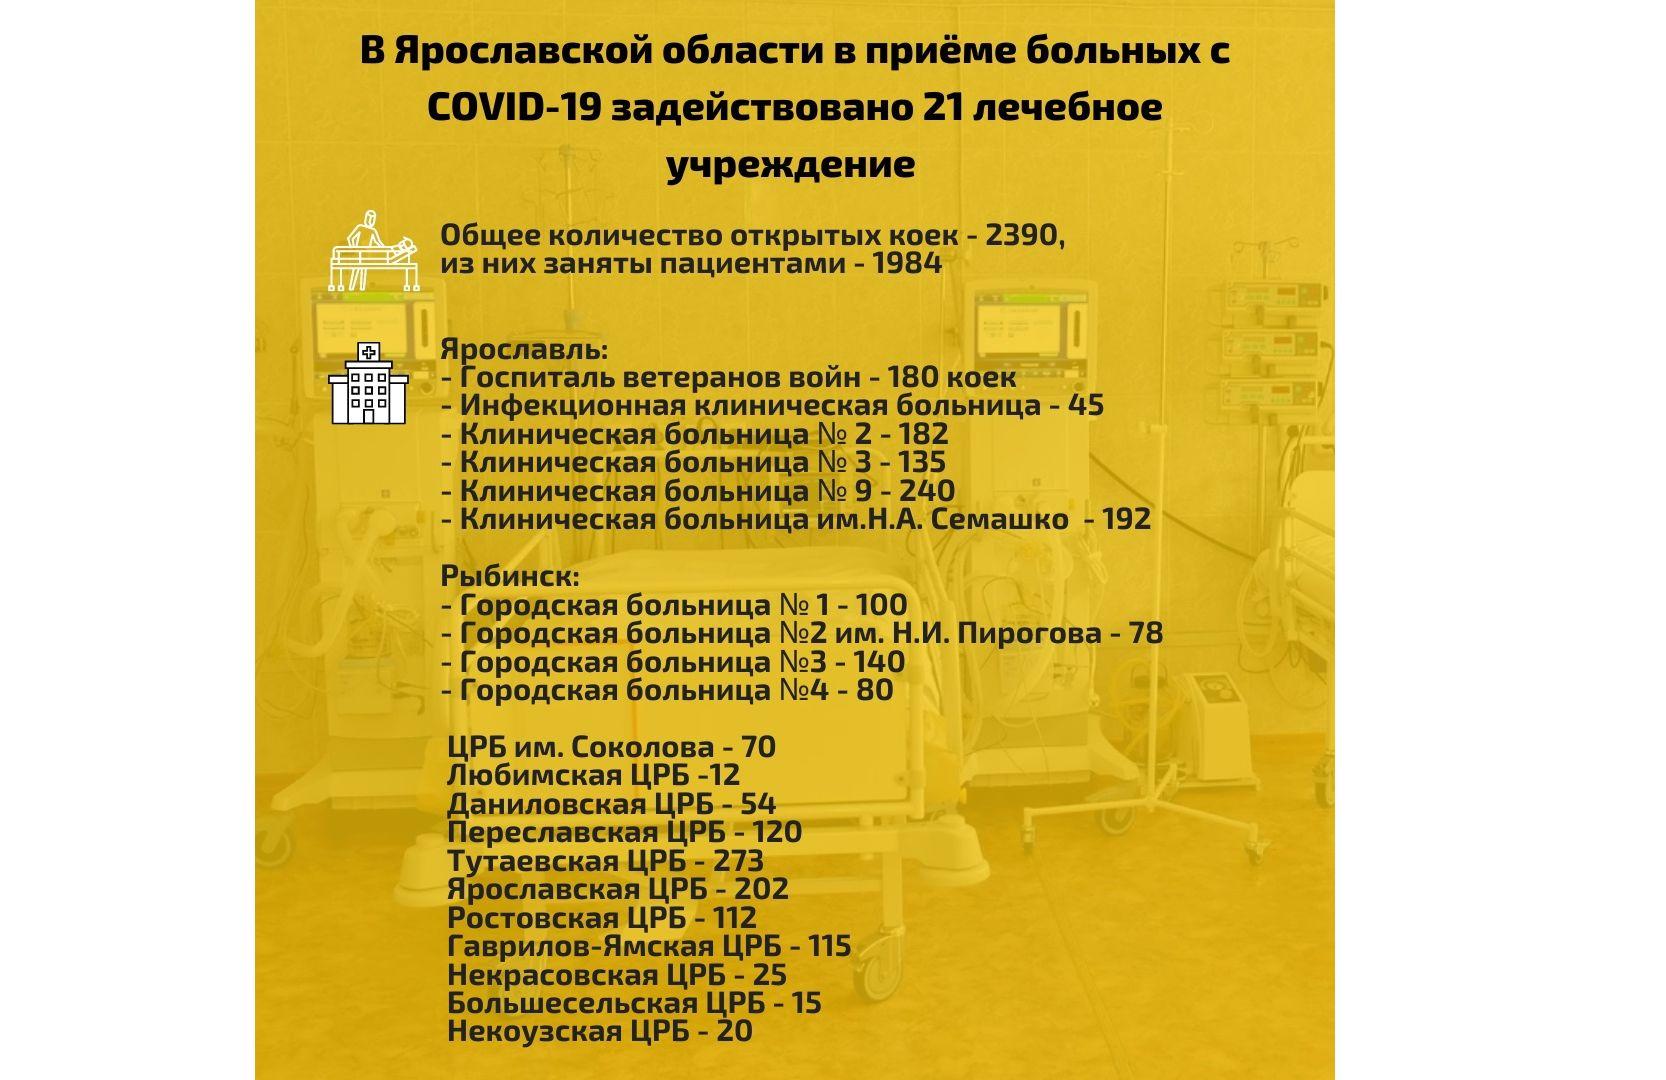 В Ярославской области увеличили количество коек для пациентов с коронавирусом